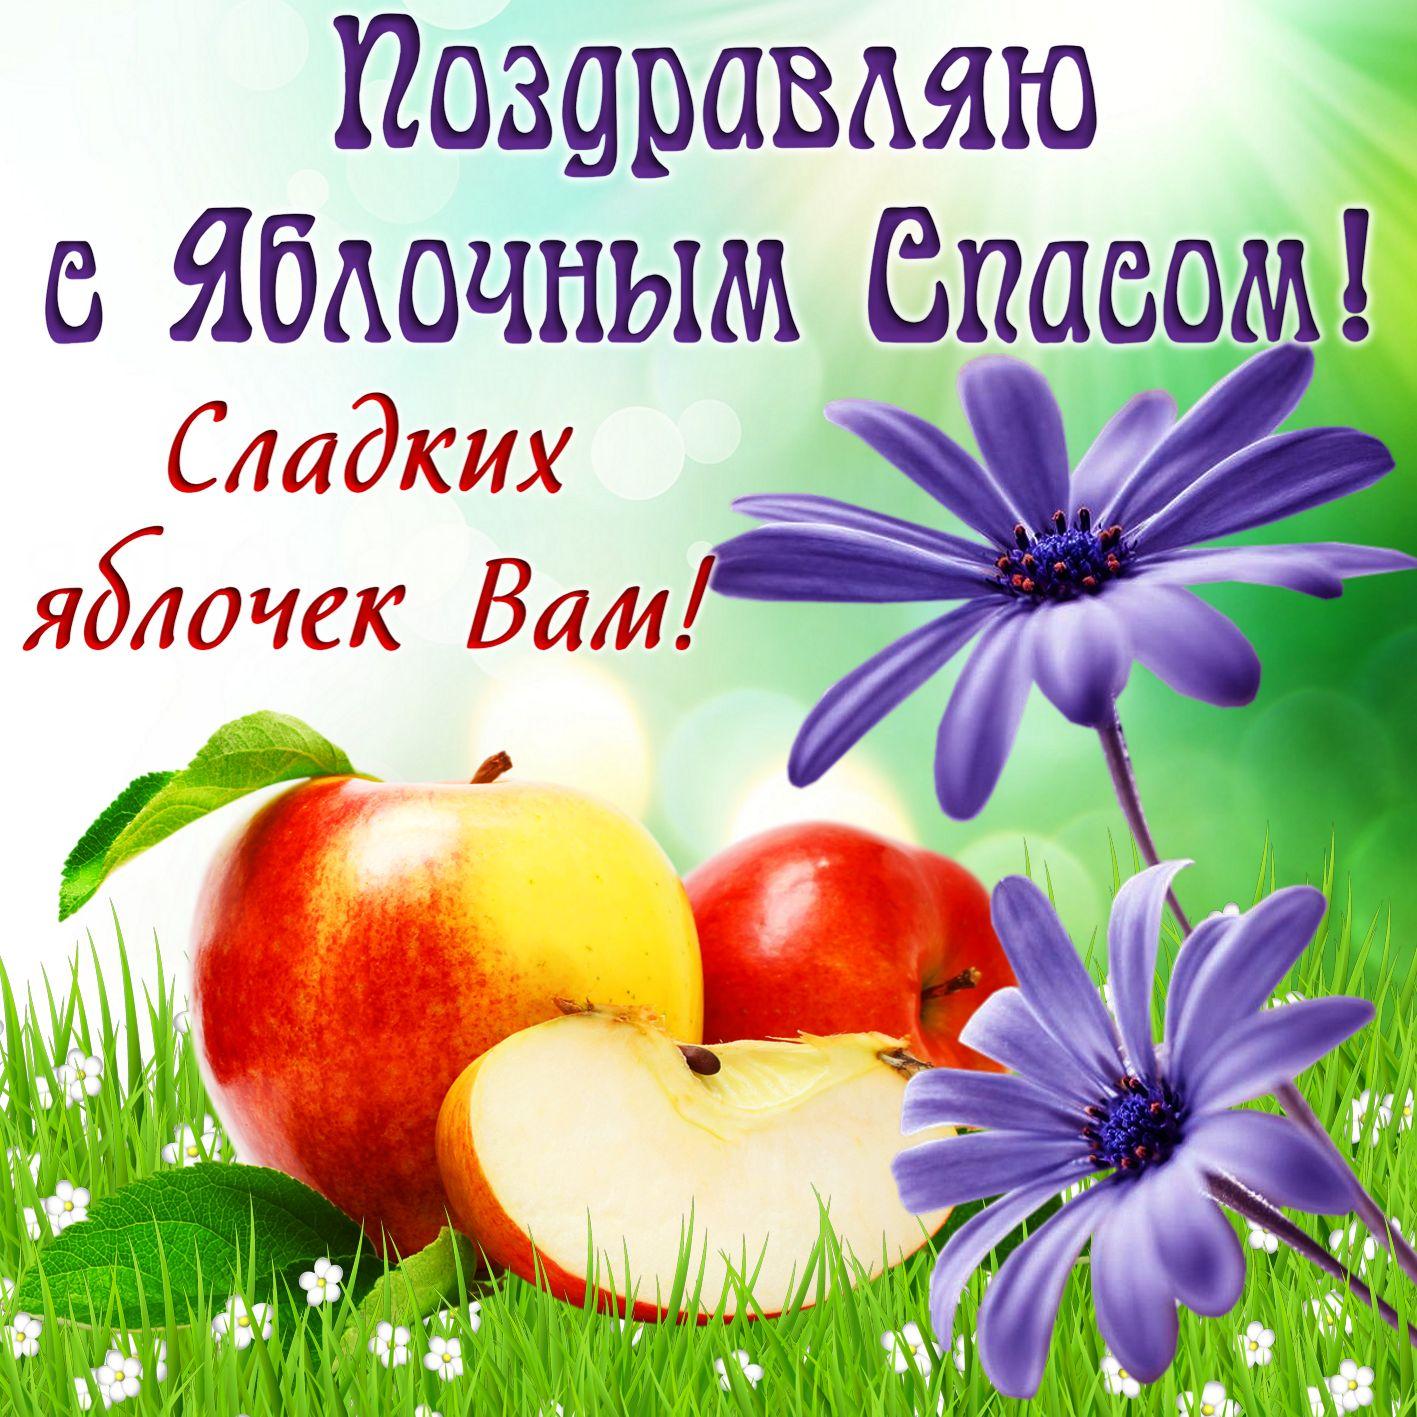 Картинки с праздником яблочным спасом красивые, издательство культура